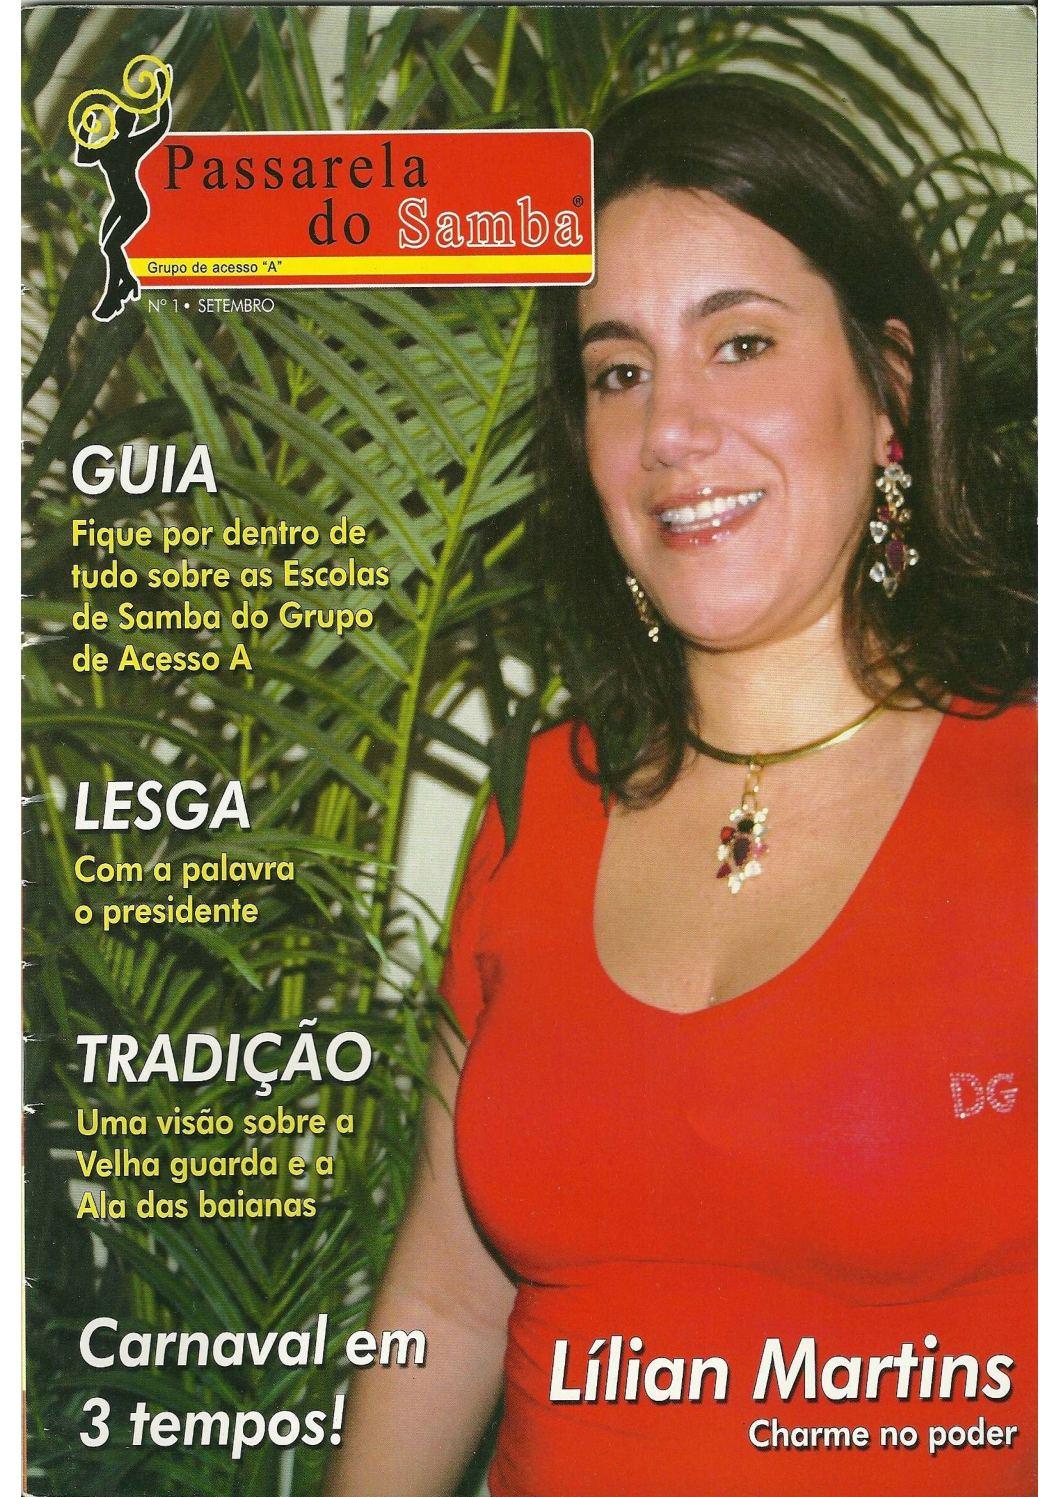 Passarela do Samba - edição 1